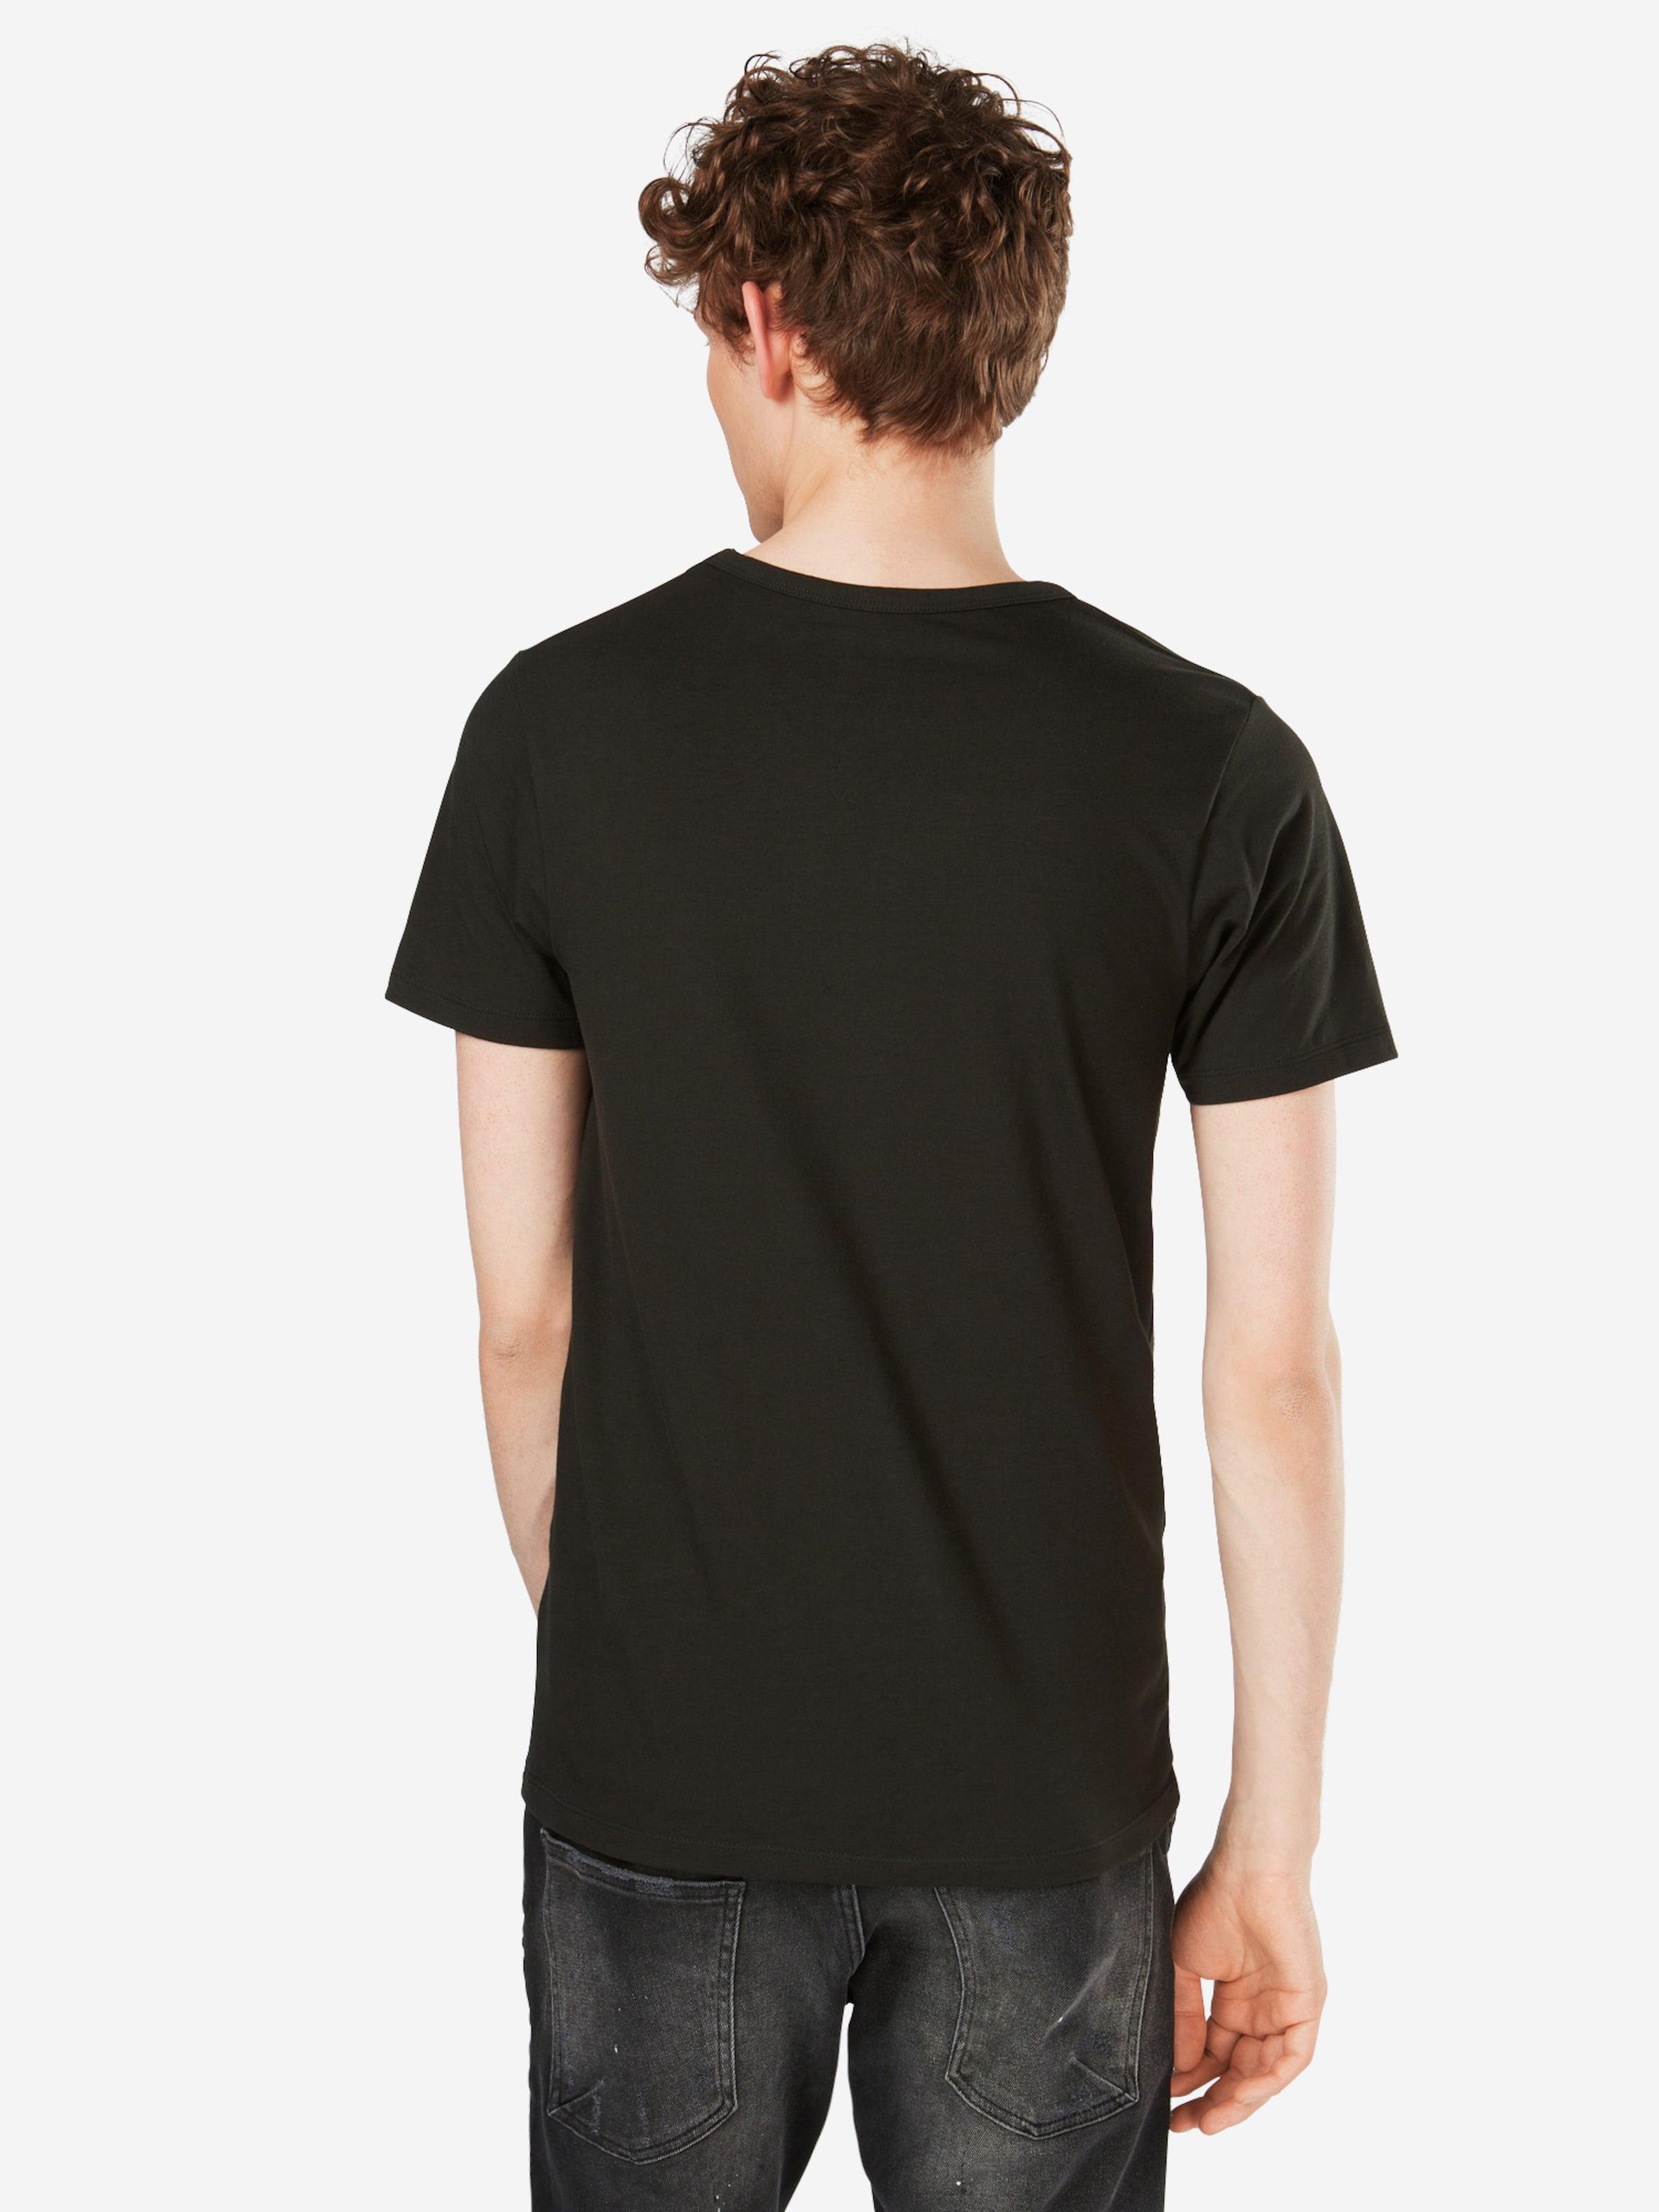 s Noos' T Tee Jones V In neck S Schwarz shirt 'basic Jackamp; FKTJu351cl